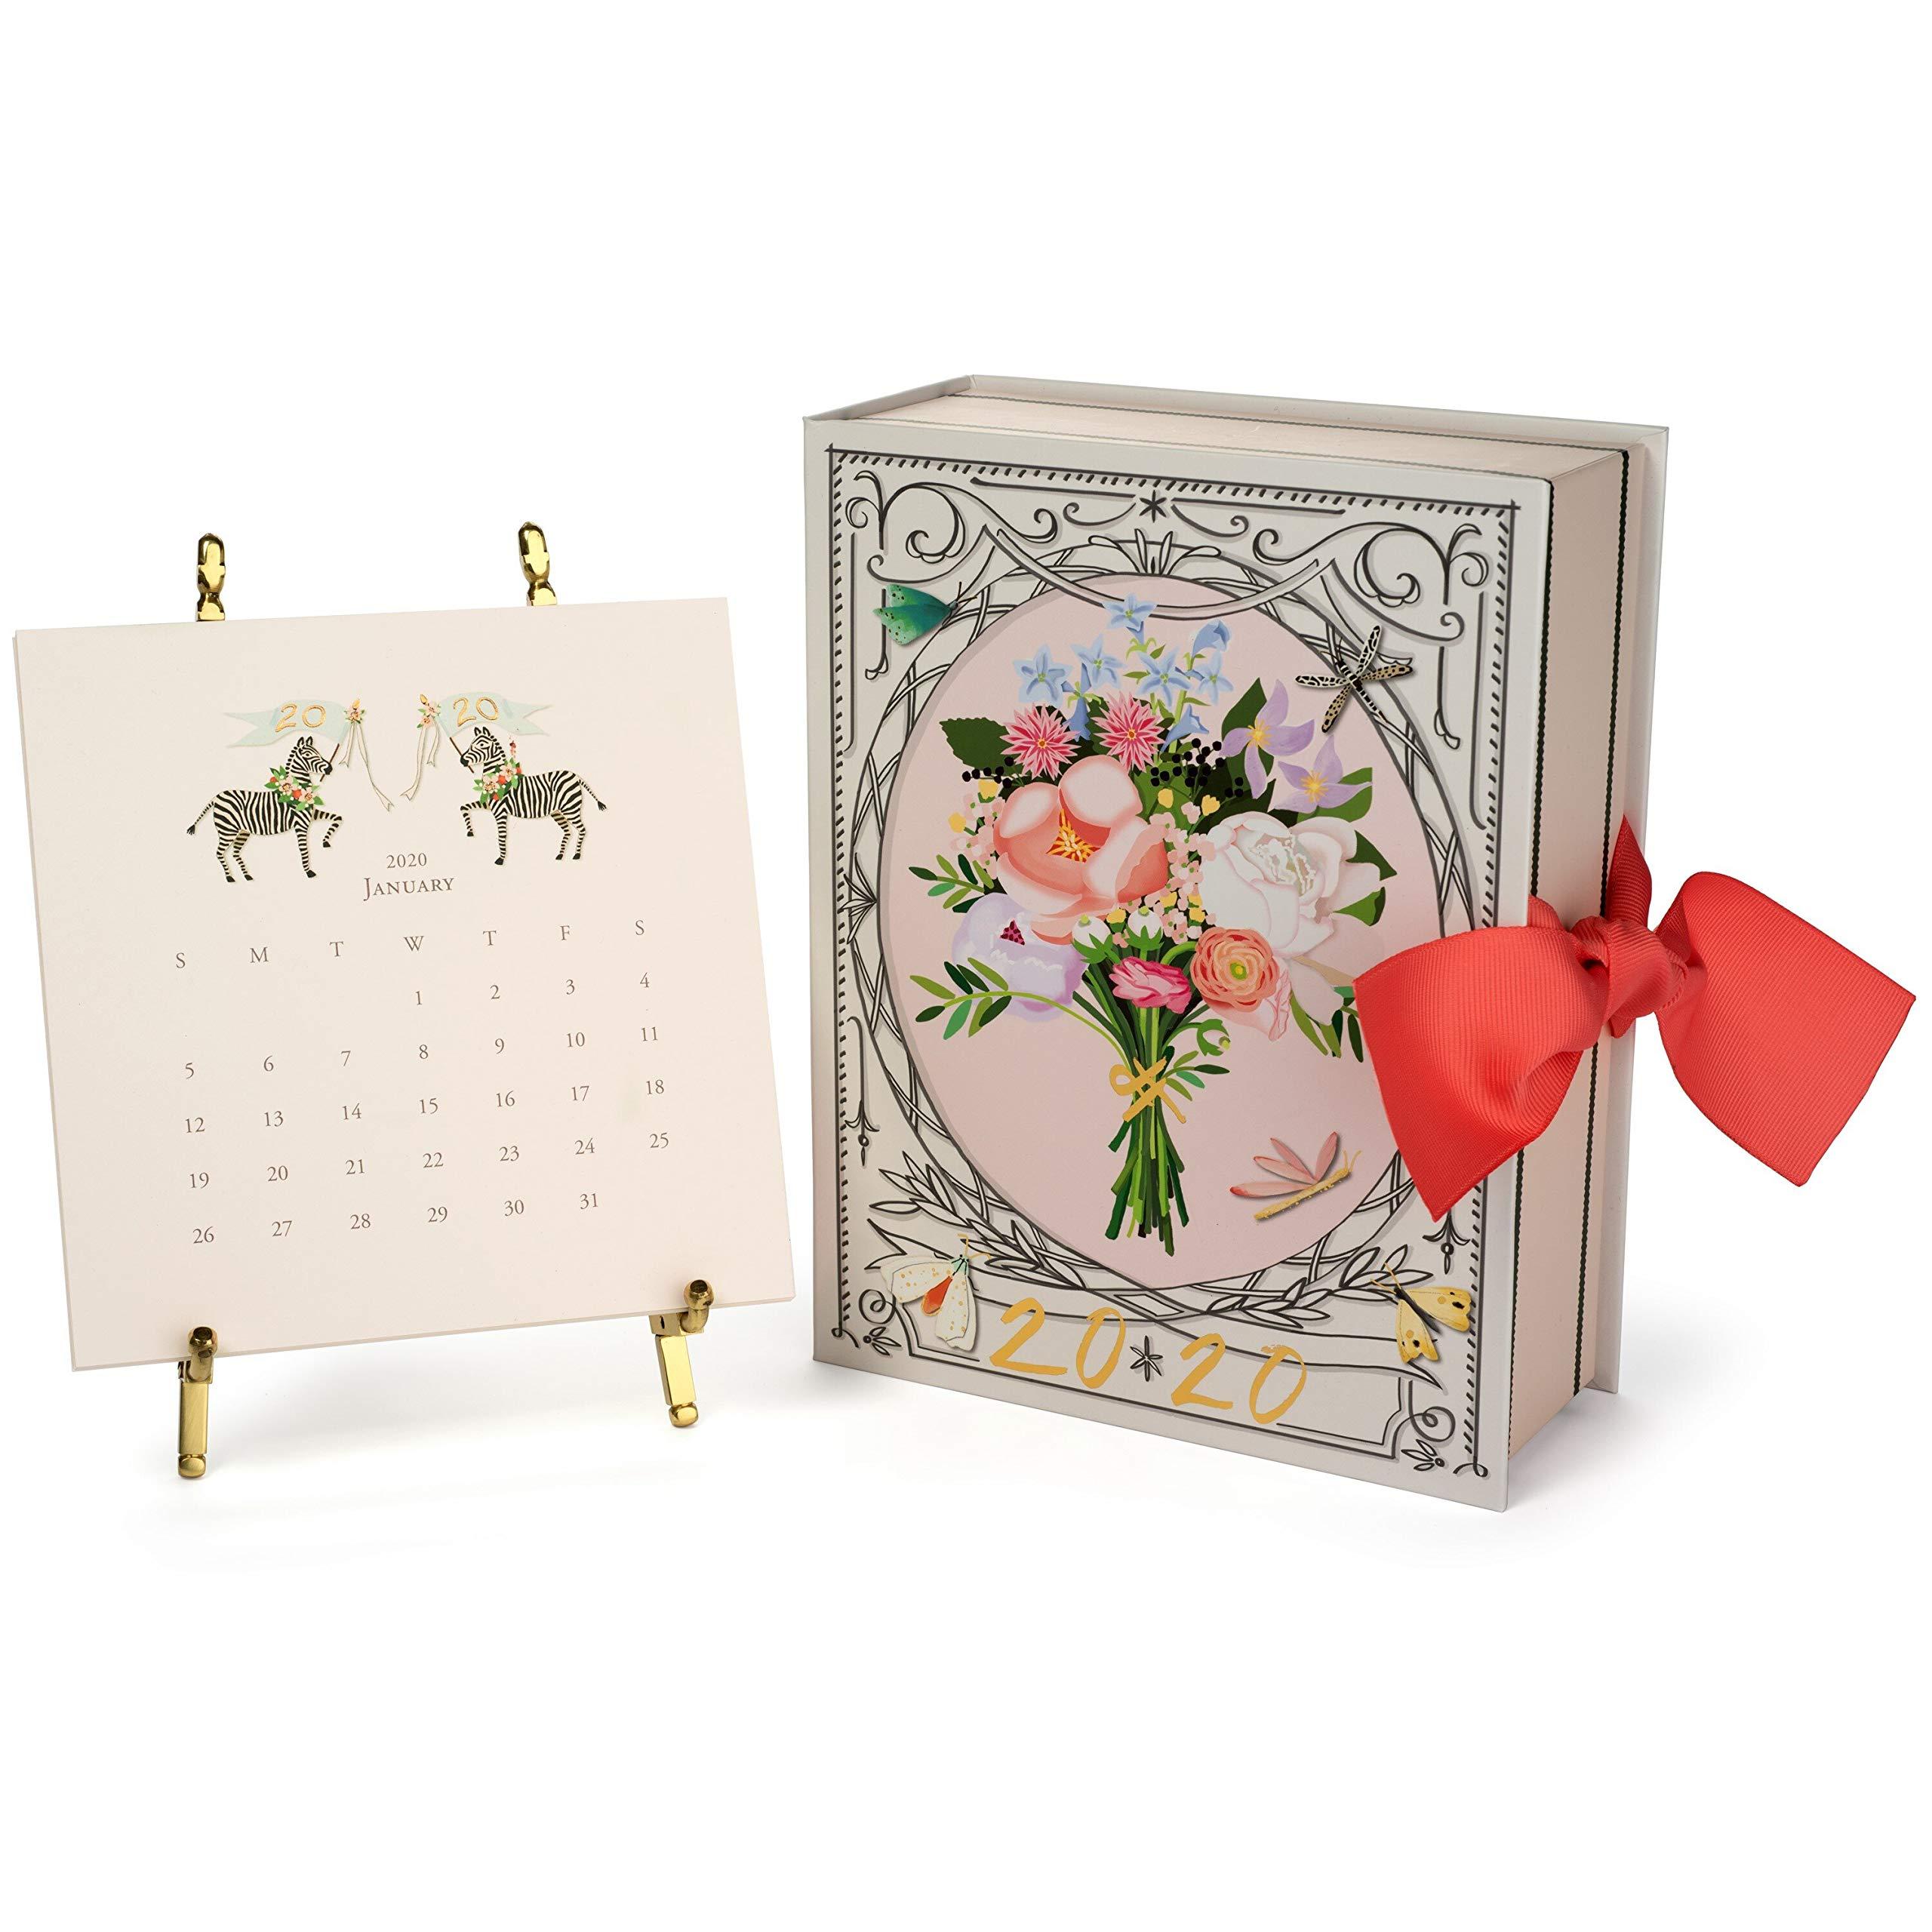 Karen Adams 2020 Desk Calendar 12 Month - Gold Easel by Karen Adams